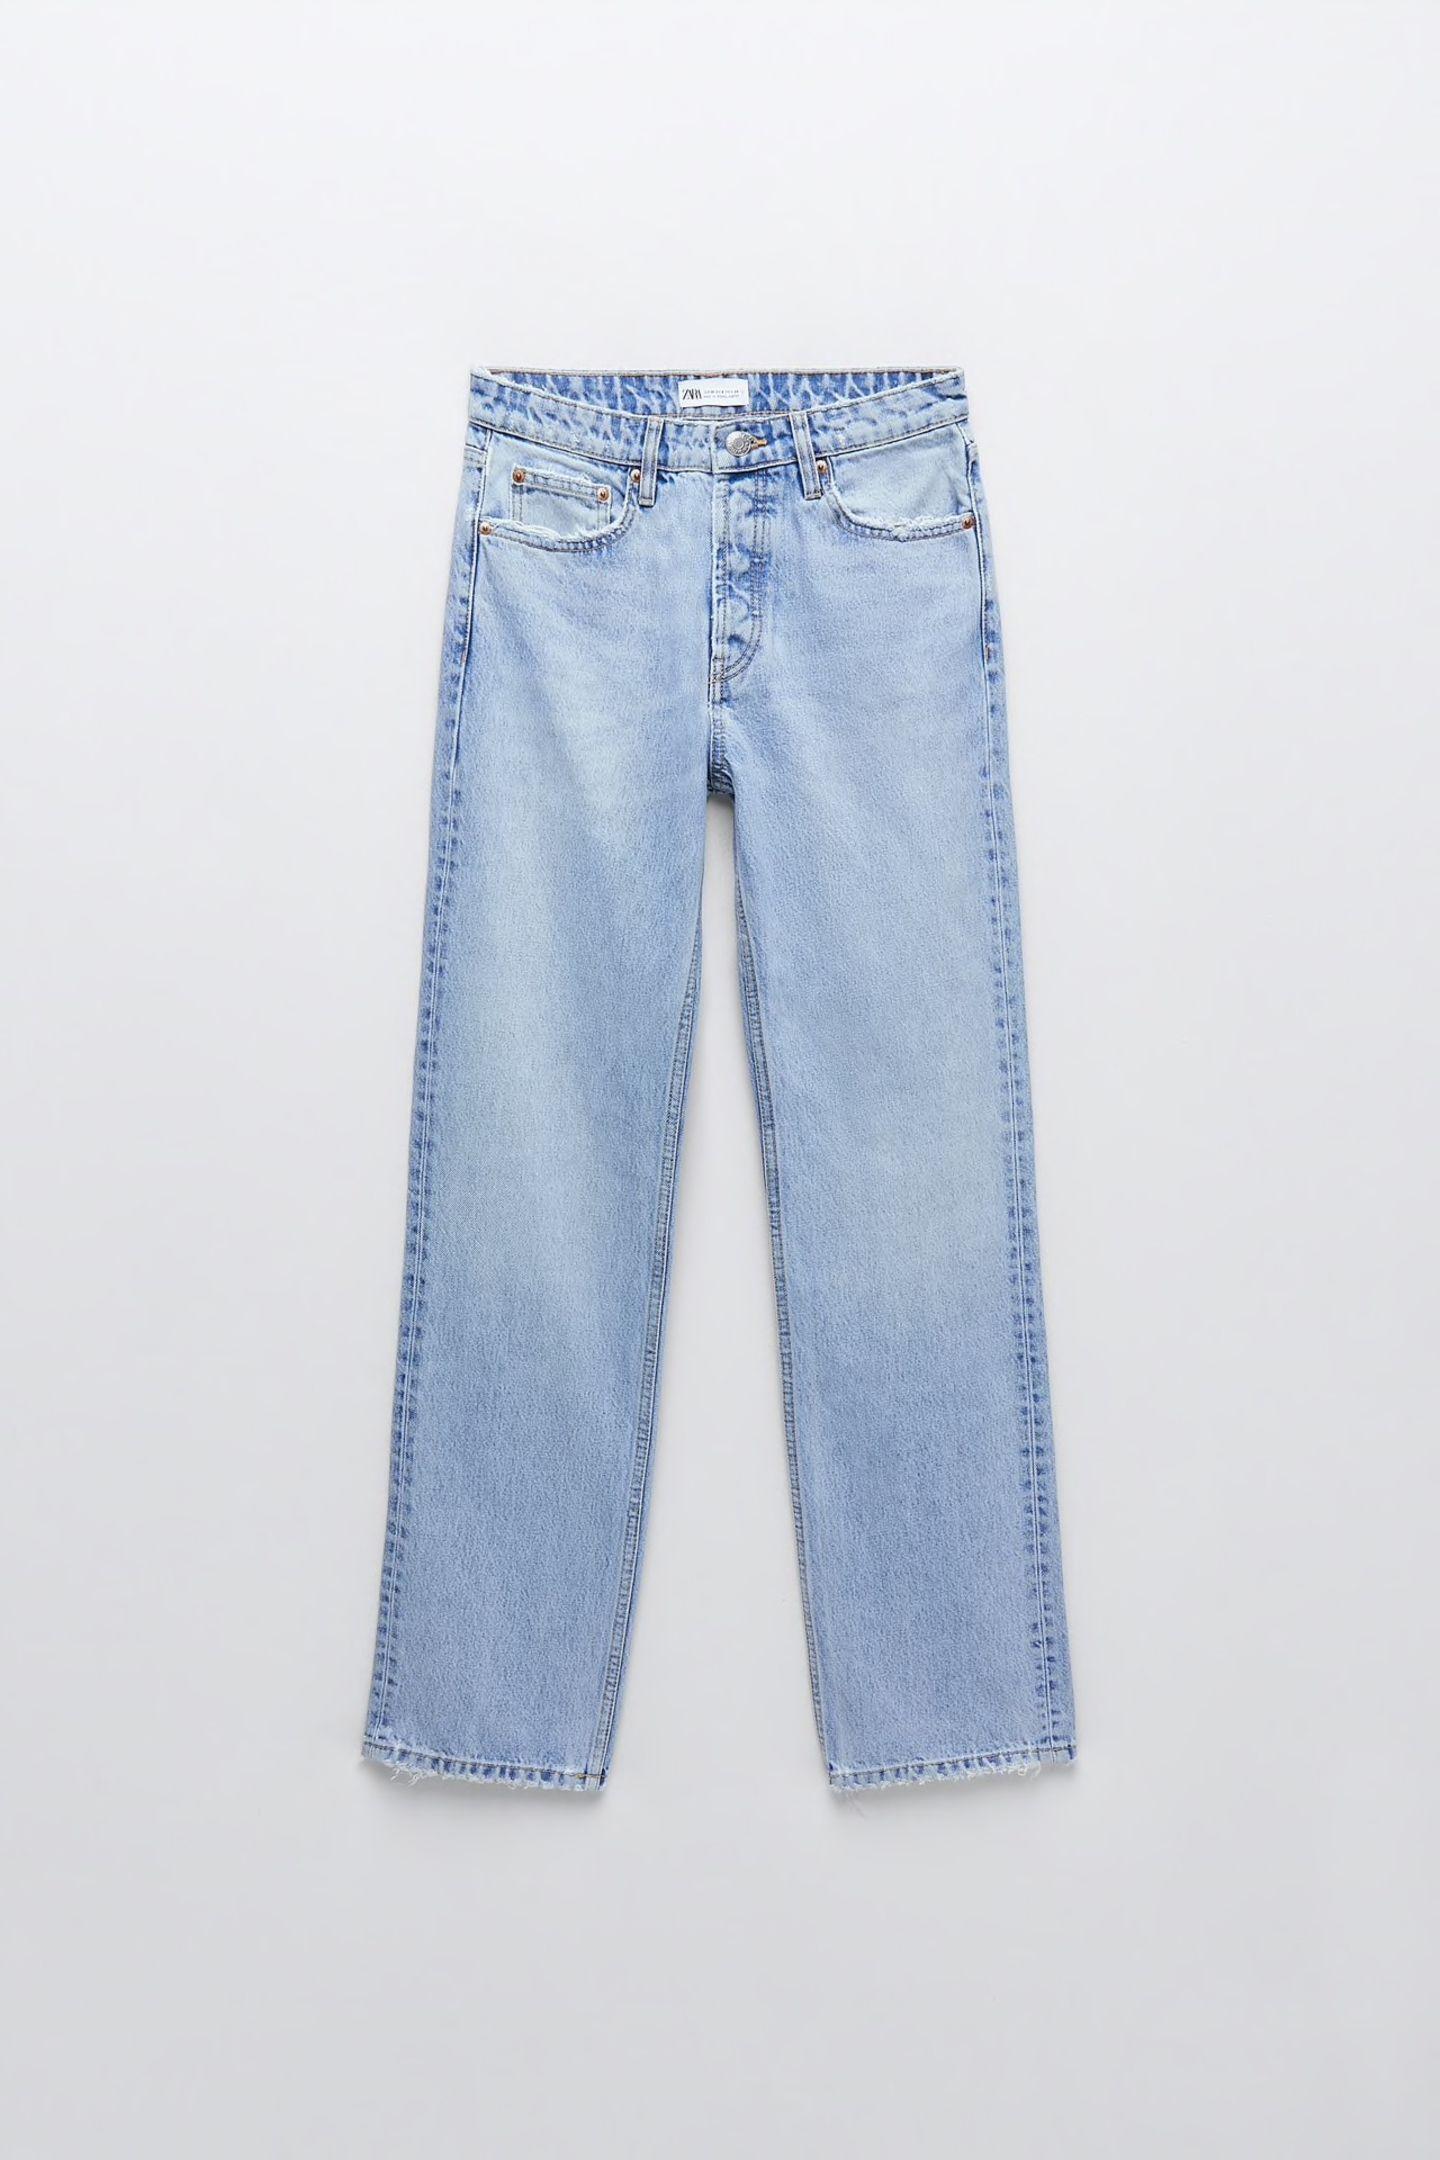 Jeans mit geradem Bein sehen wir gerade überall. Logisch, dass wir auch eine in unserem Schrank brauchen. Dieses Modell hat einen mittelhohen Bund und eine verwaschene Optik. We like! Von Zara, circa 30 Euro.